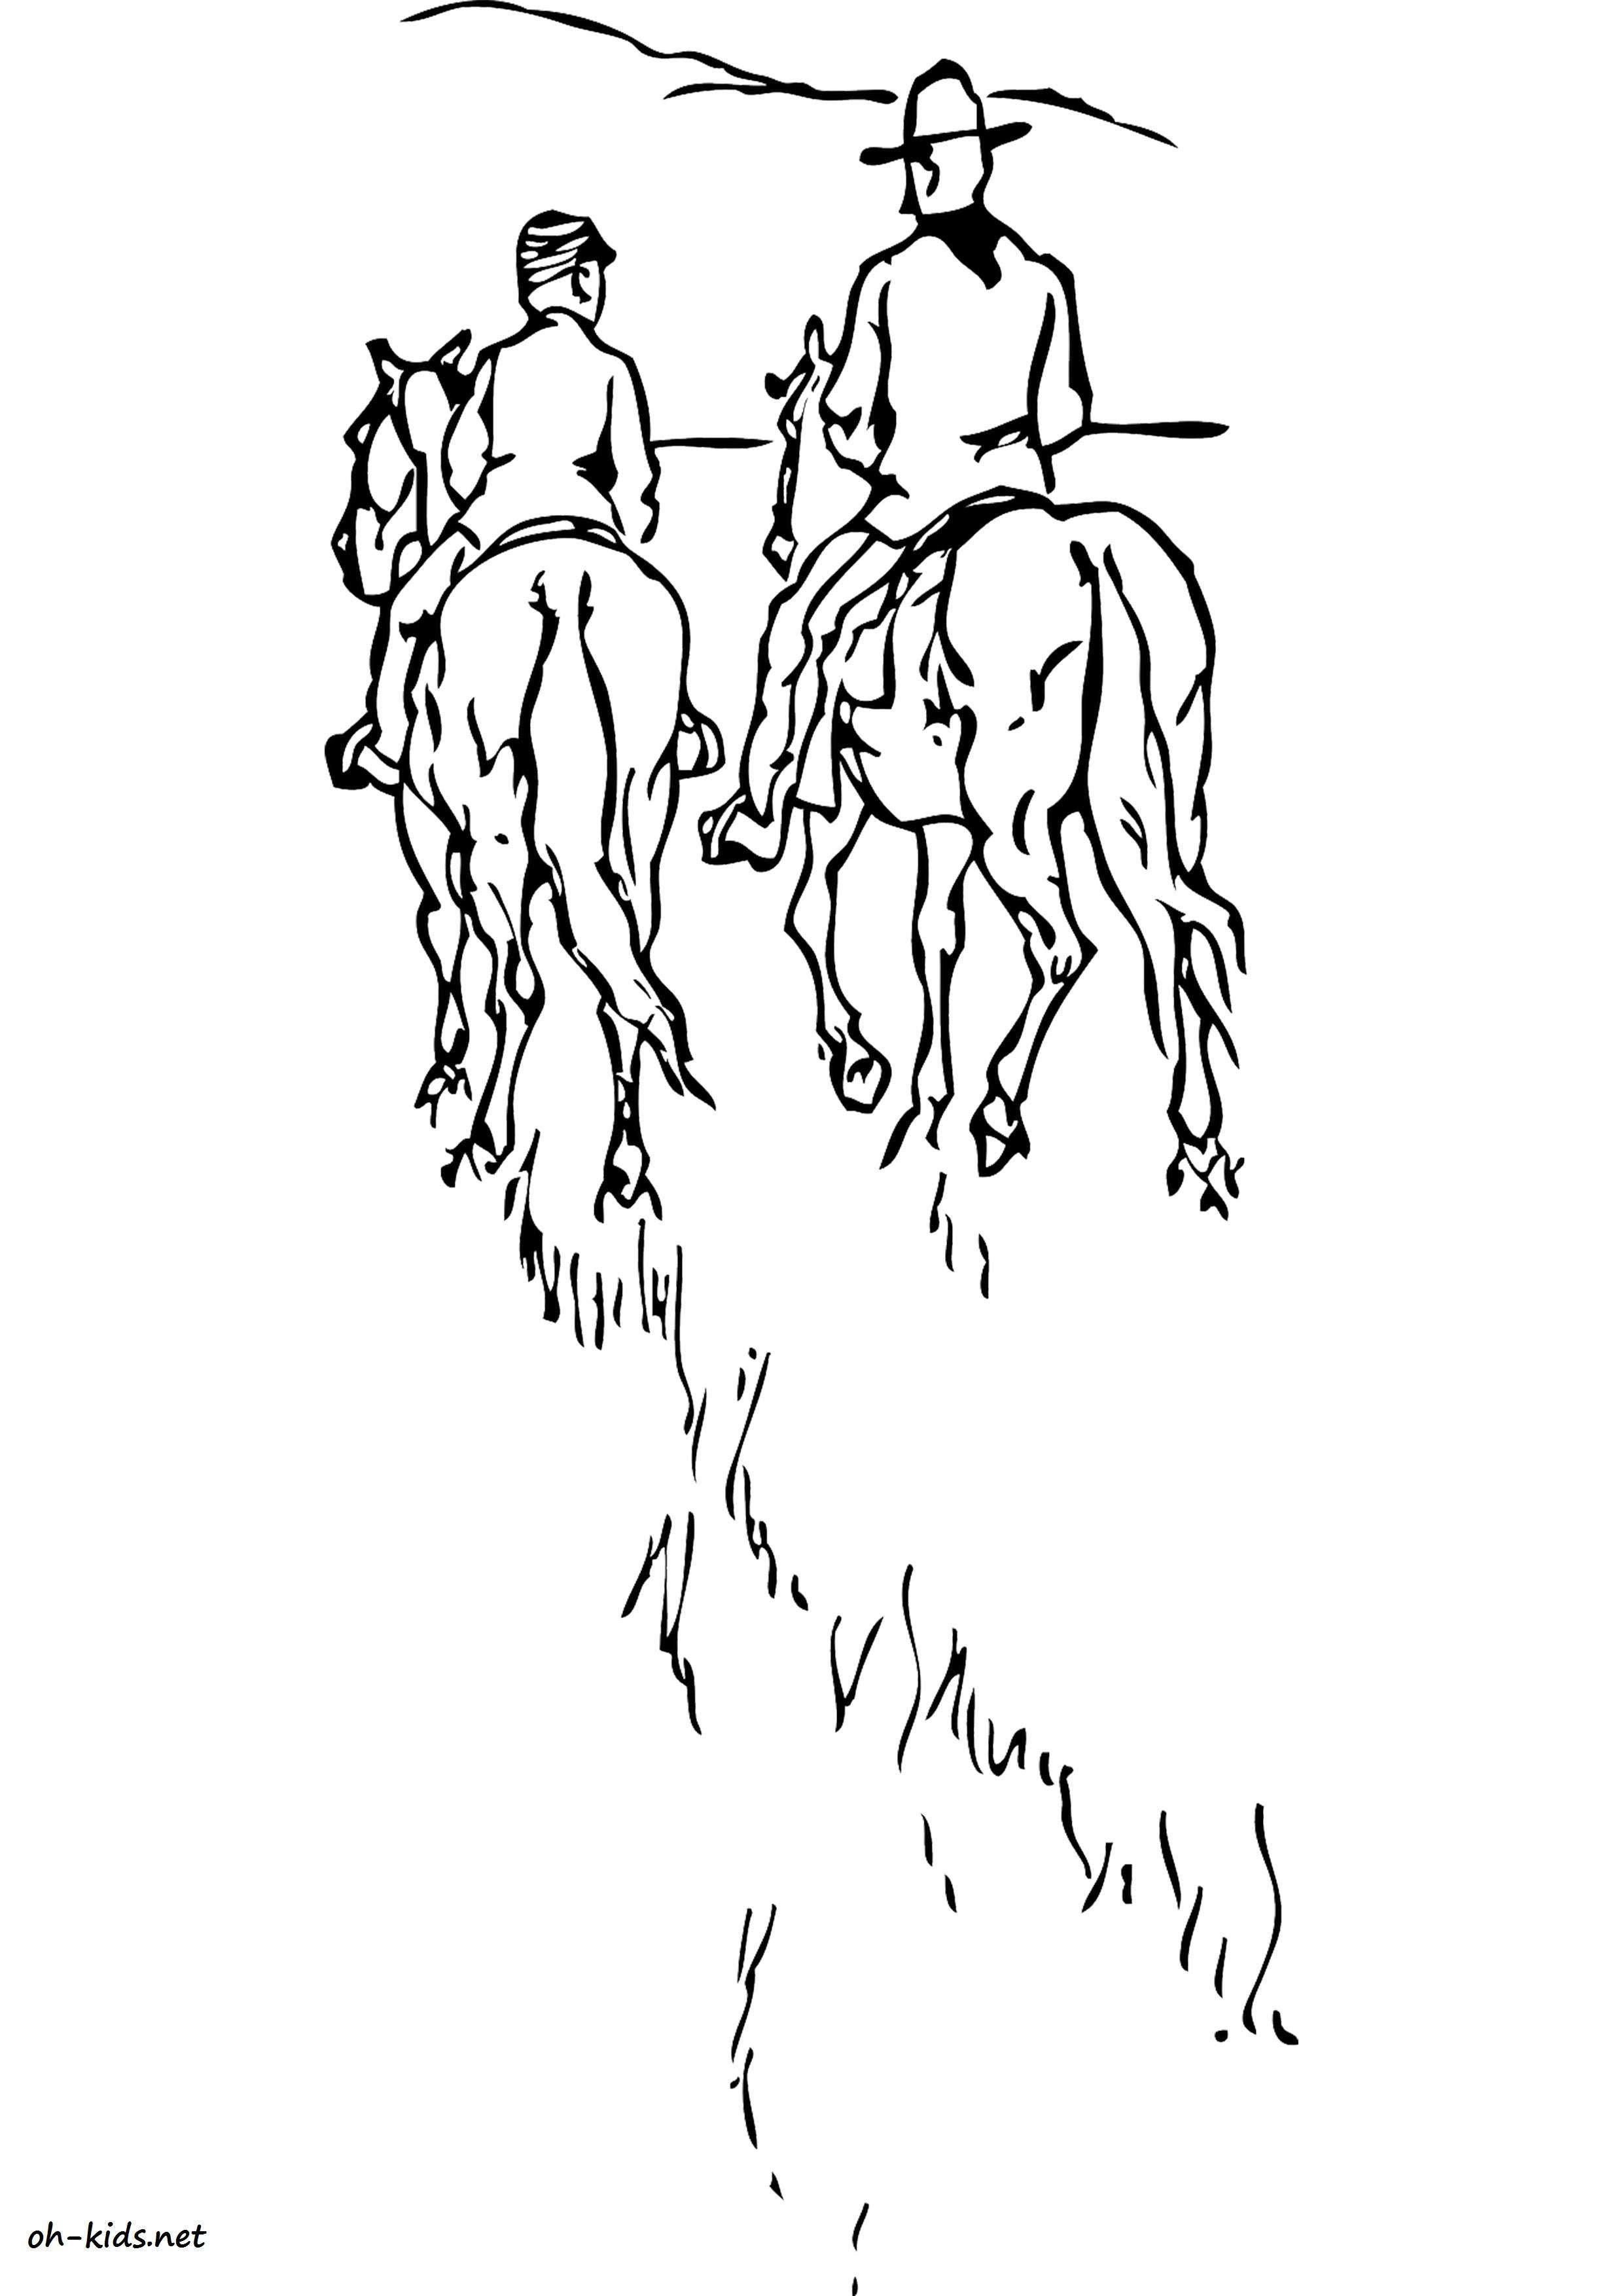 coloriage de équitation a imprimer Dessin 1372